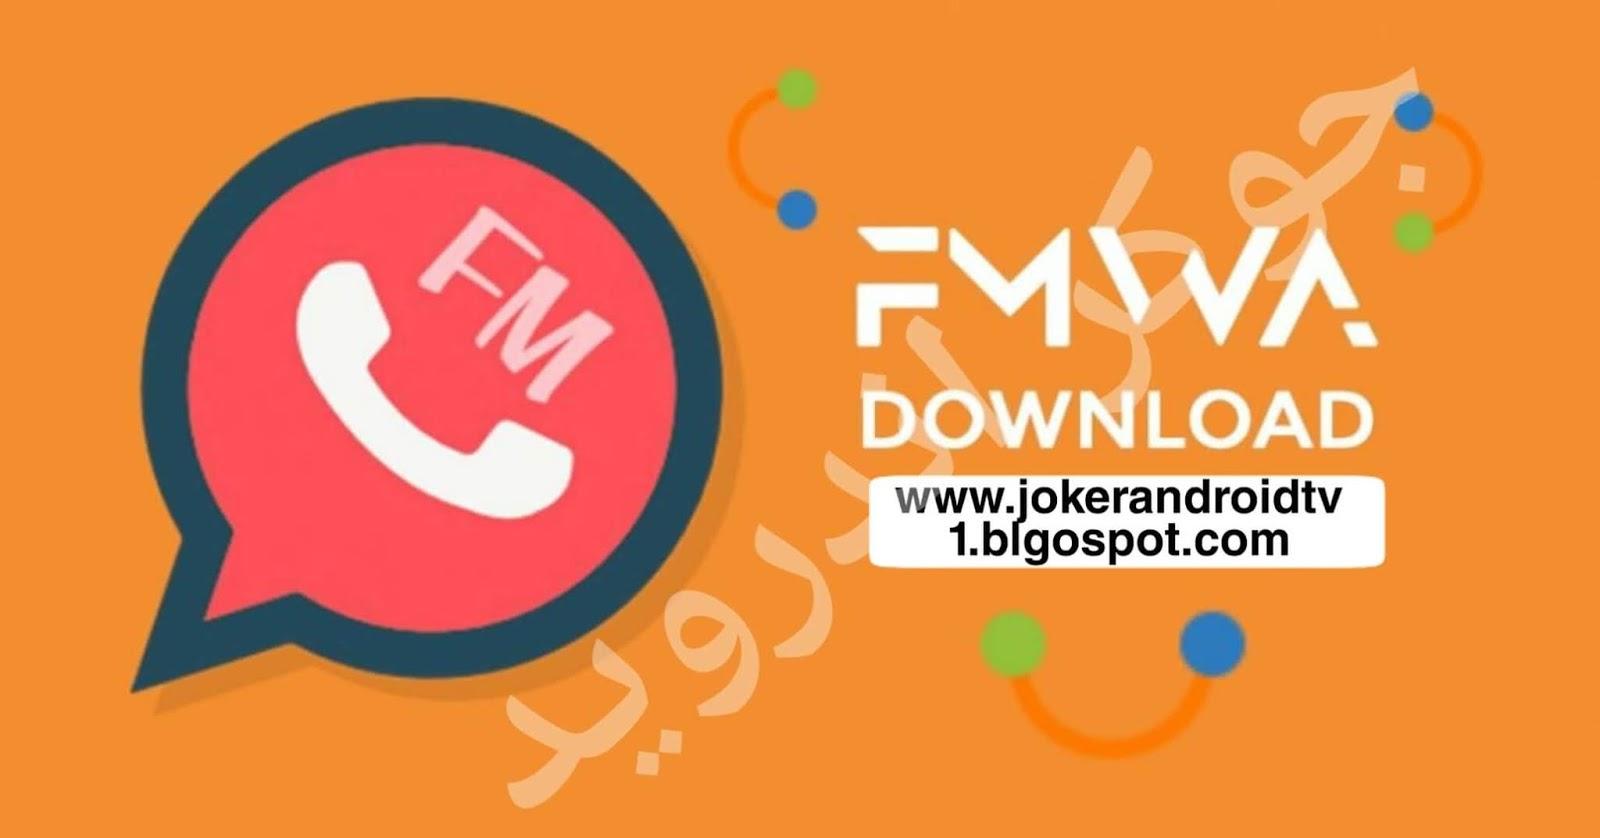 تحميل فوائد واتساب | Download FM WhatsApp 2020 apk - جوكر ...